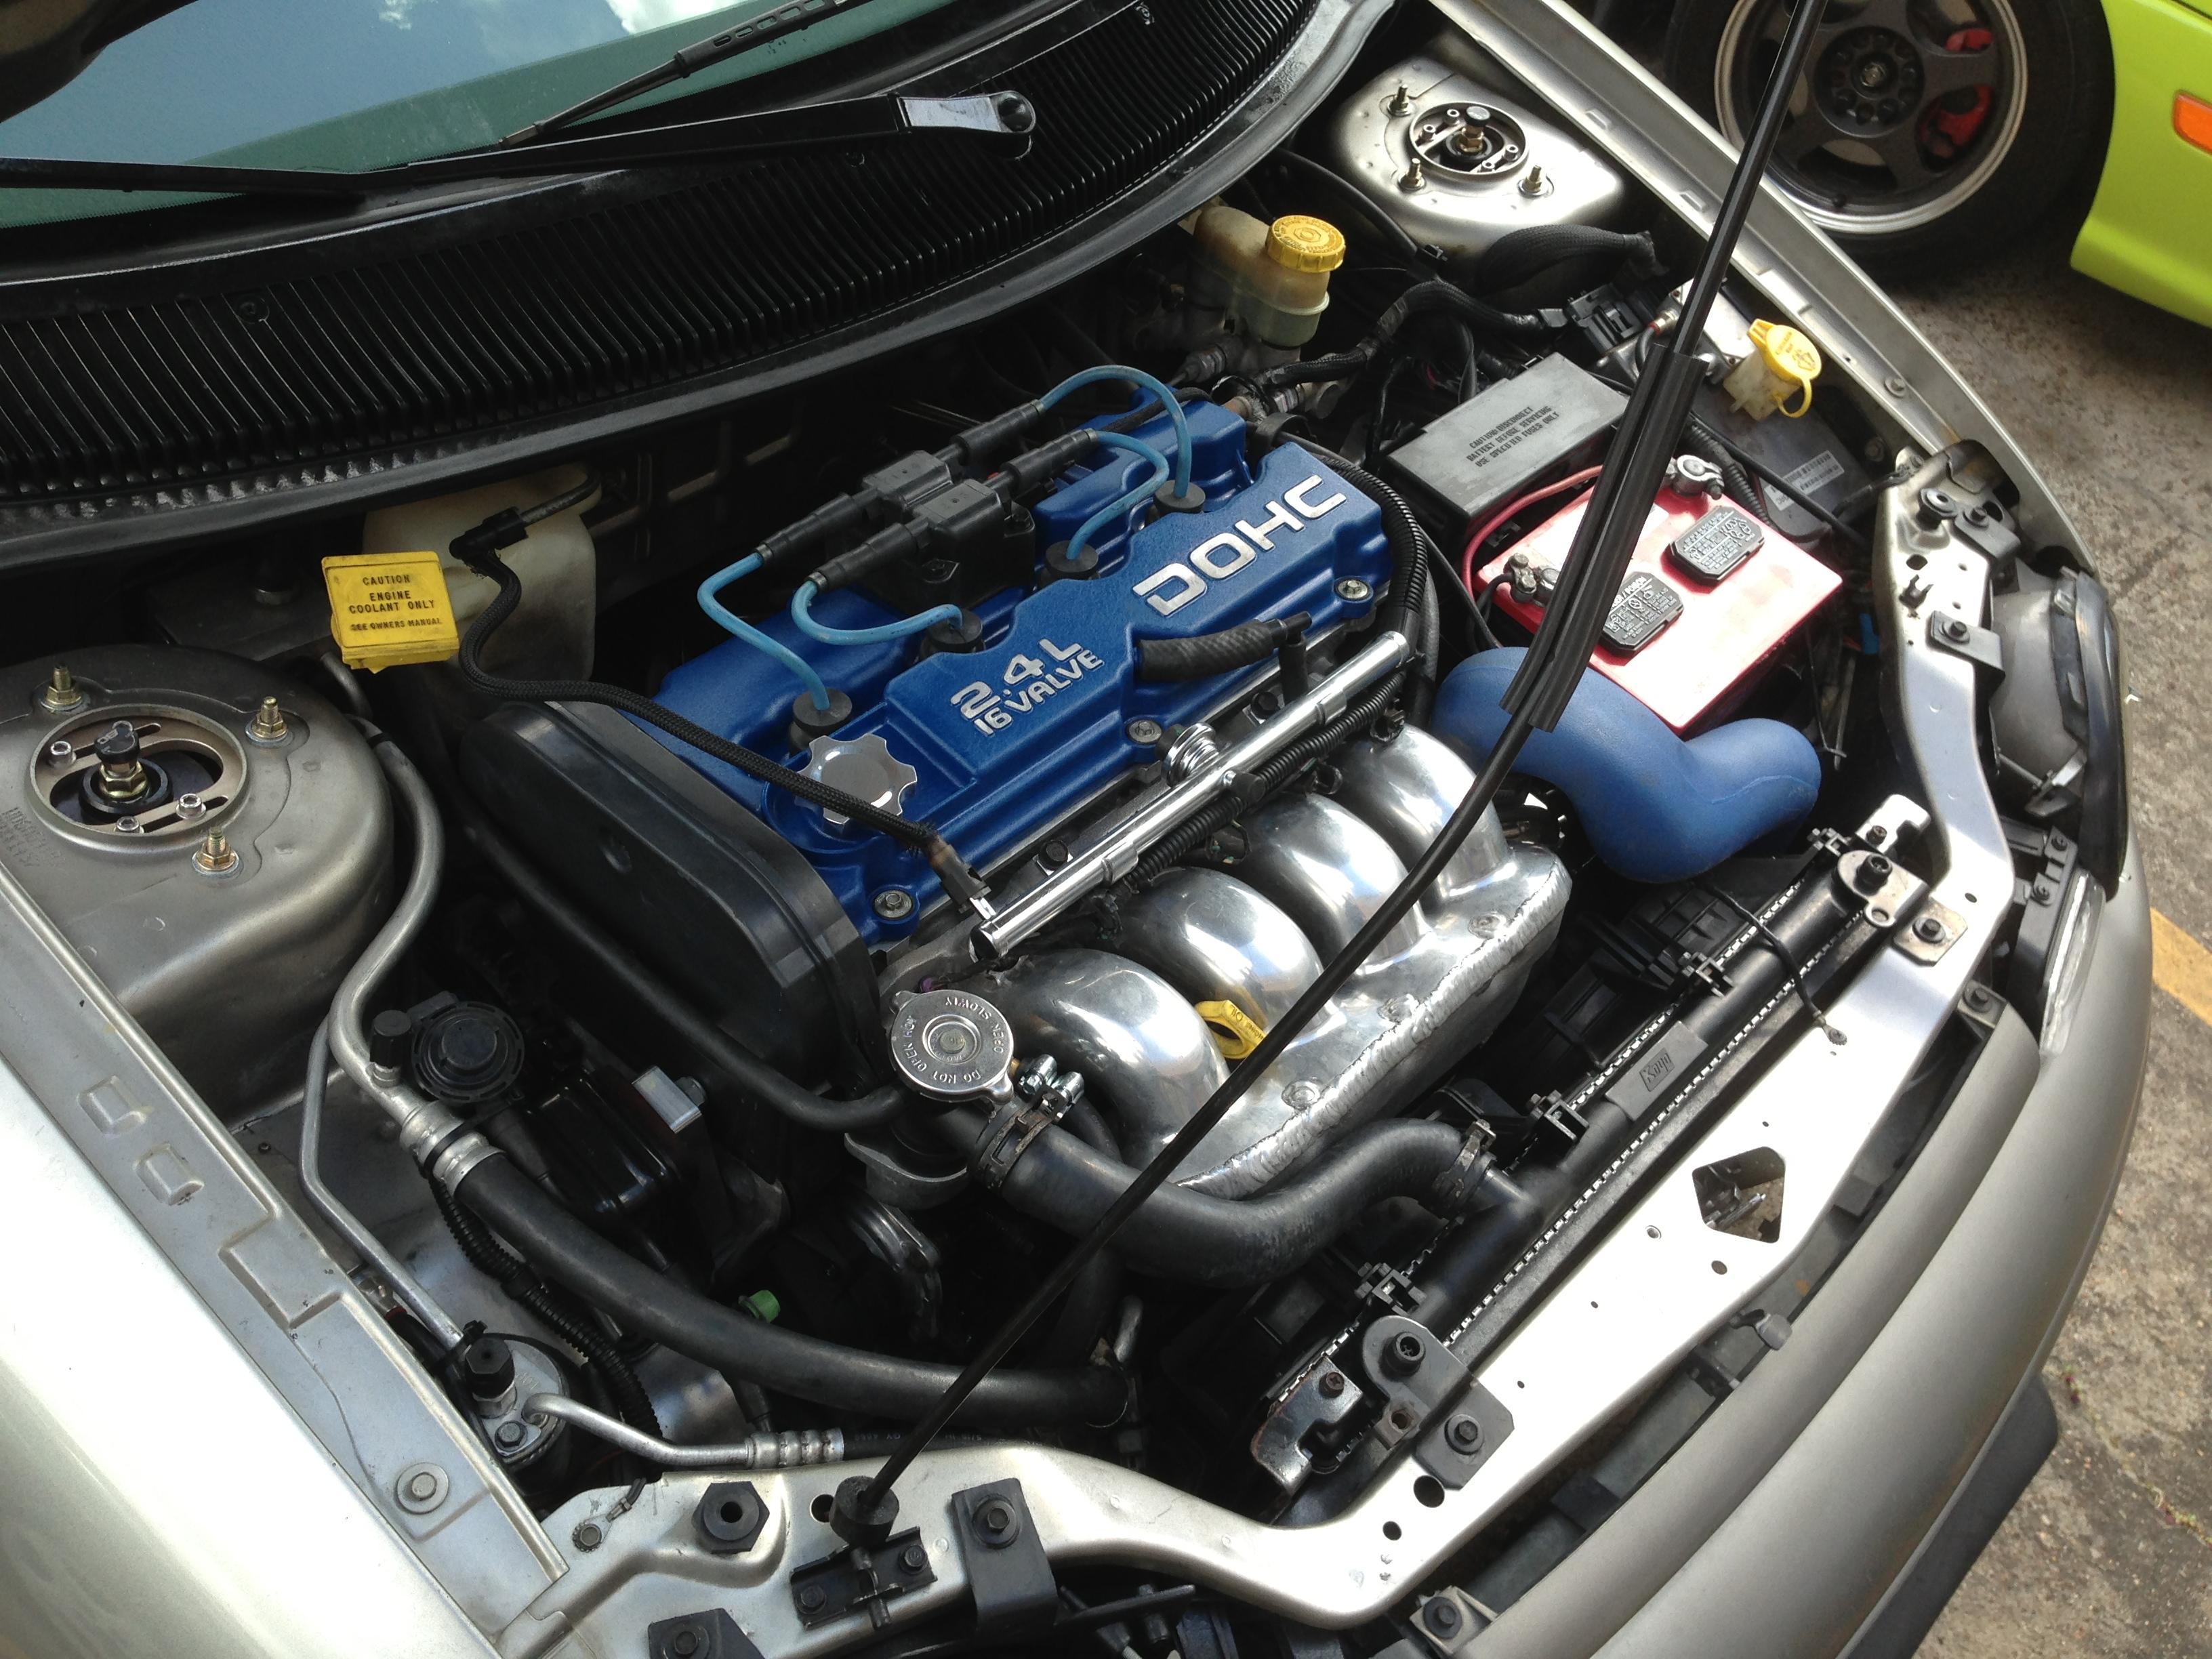 Sgt Alex Lopez's 2.4 swapped Platinum coupe Neon ACR